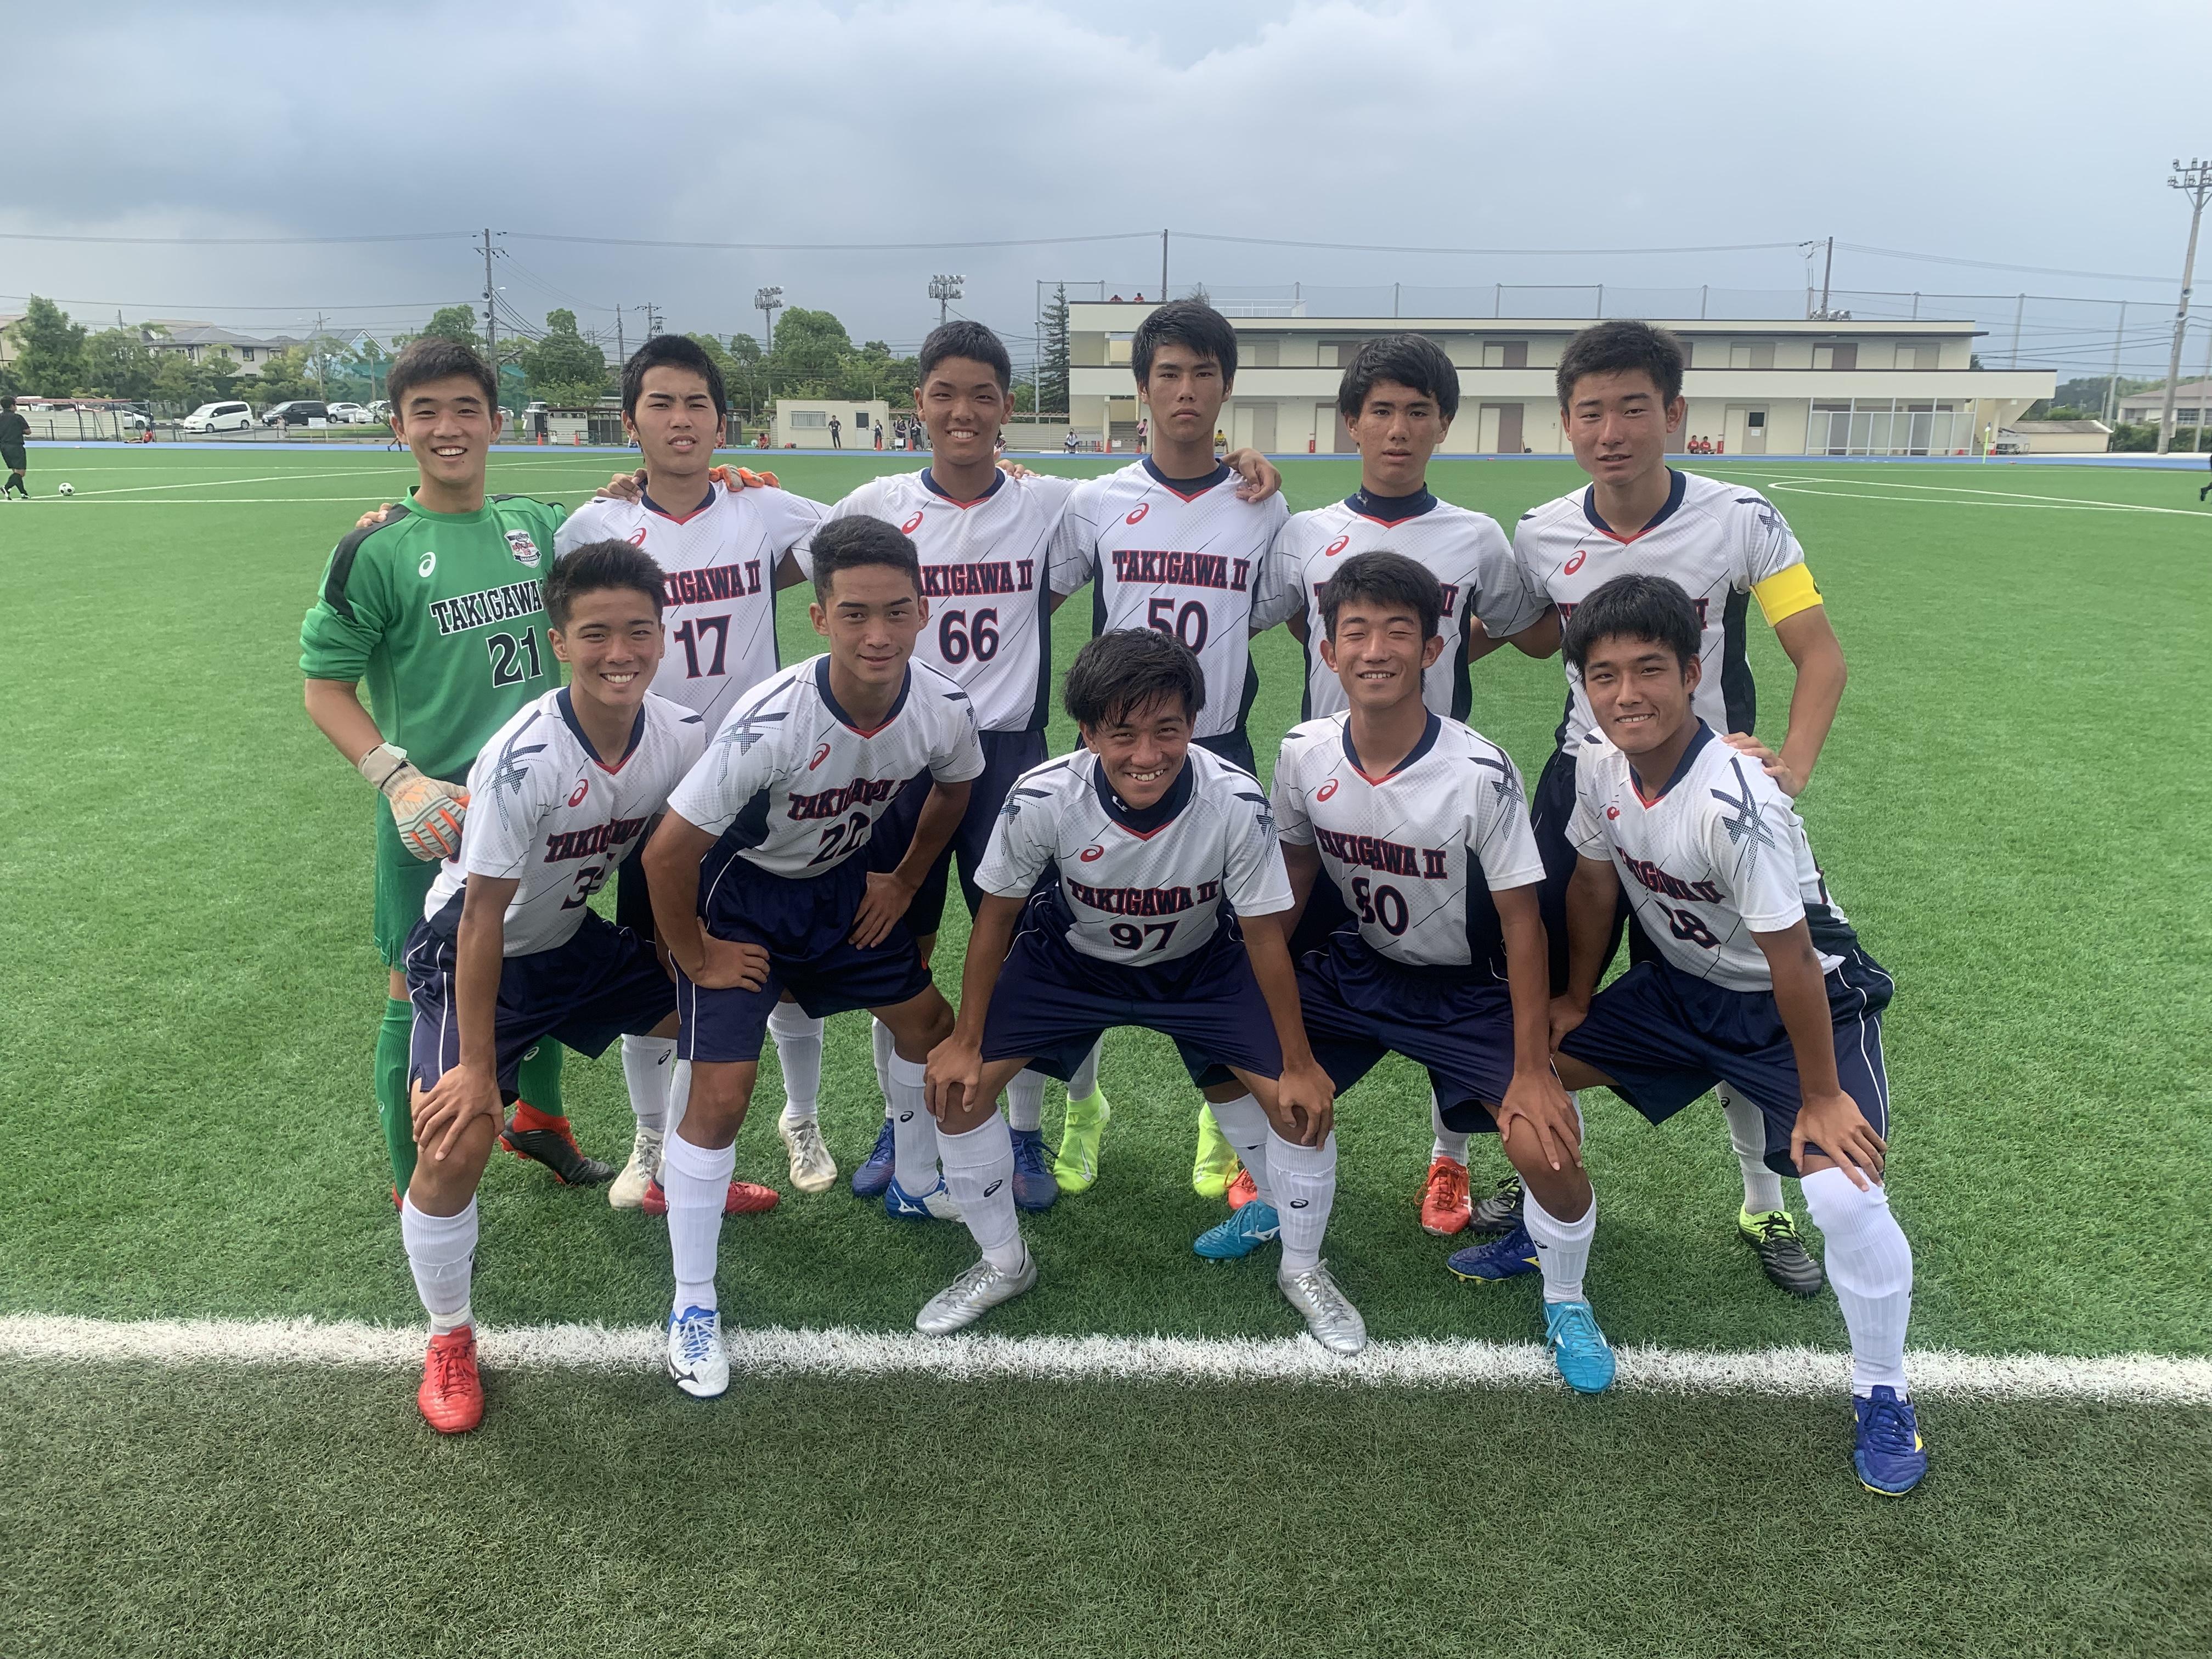 サッカー 兵庫 県 高校